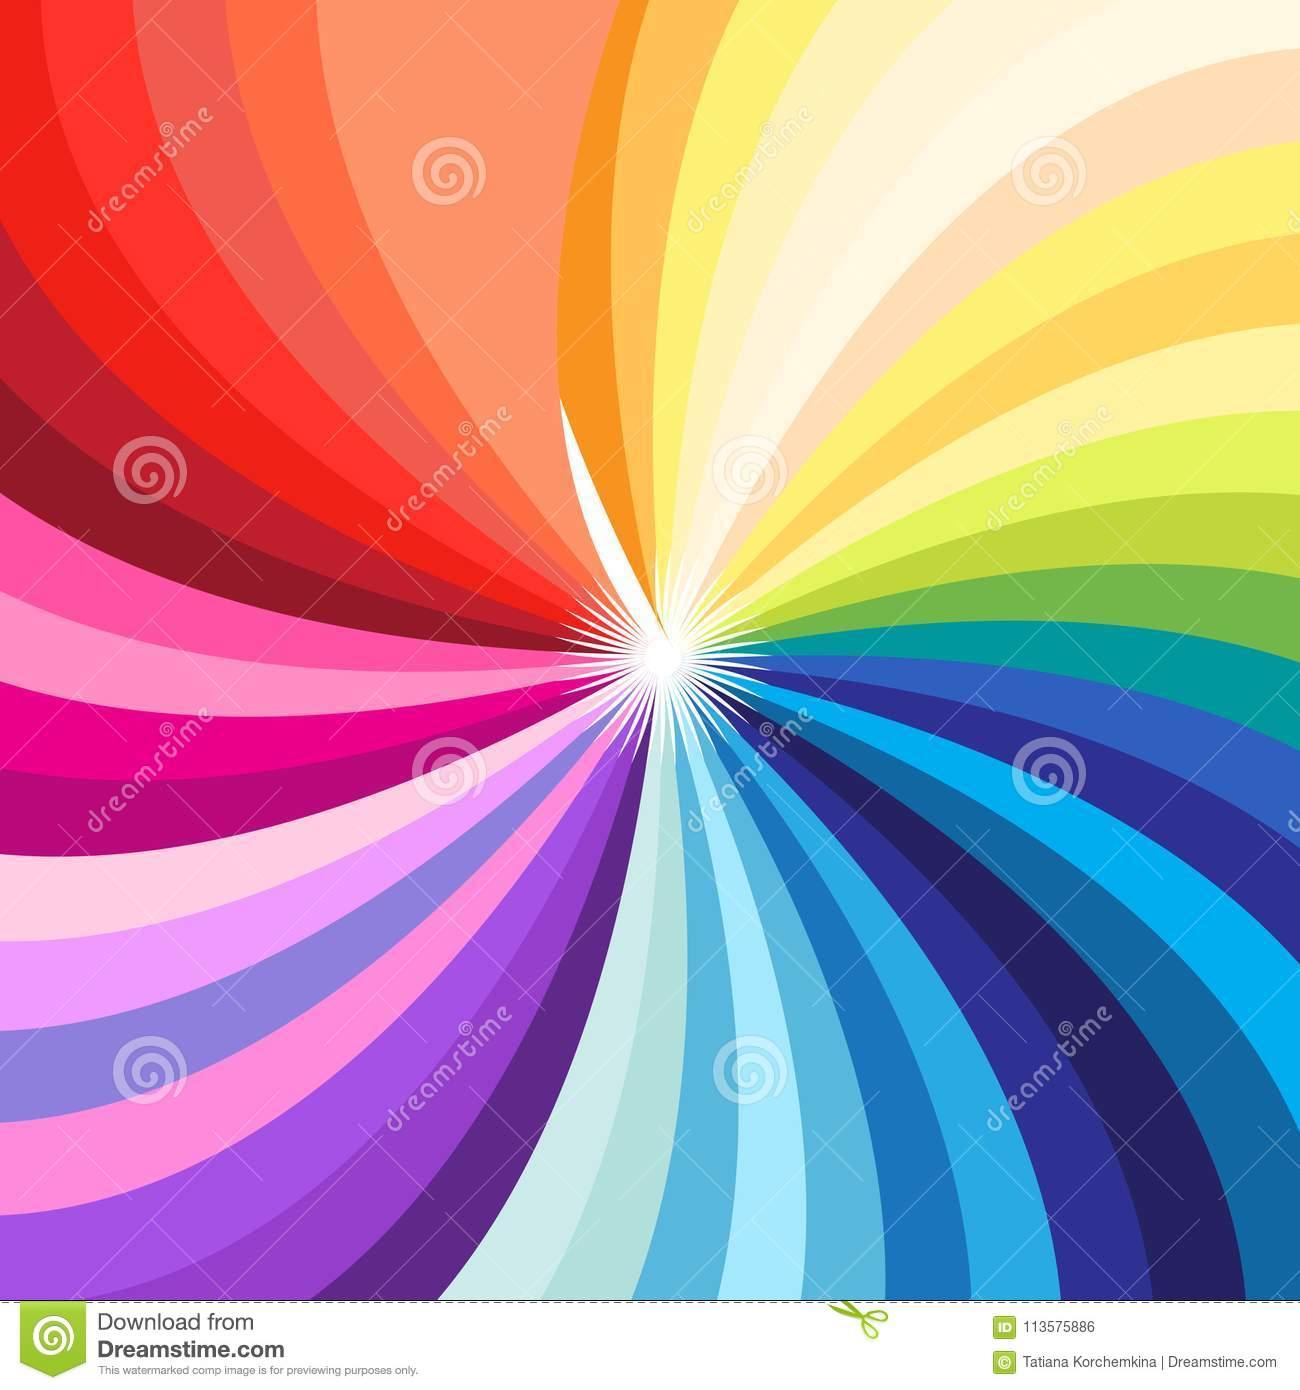 Paleta Colorido Brilhante Do Vetor De Todas As Cores concernant De Toutes Les Couleurs